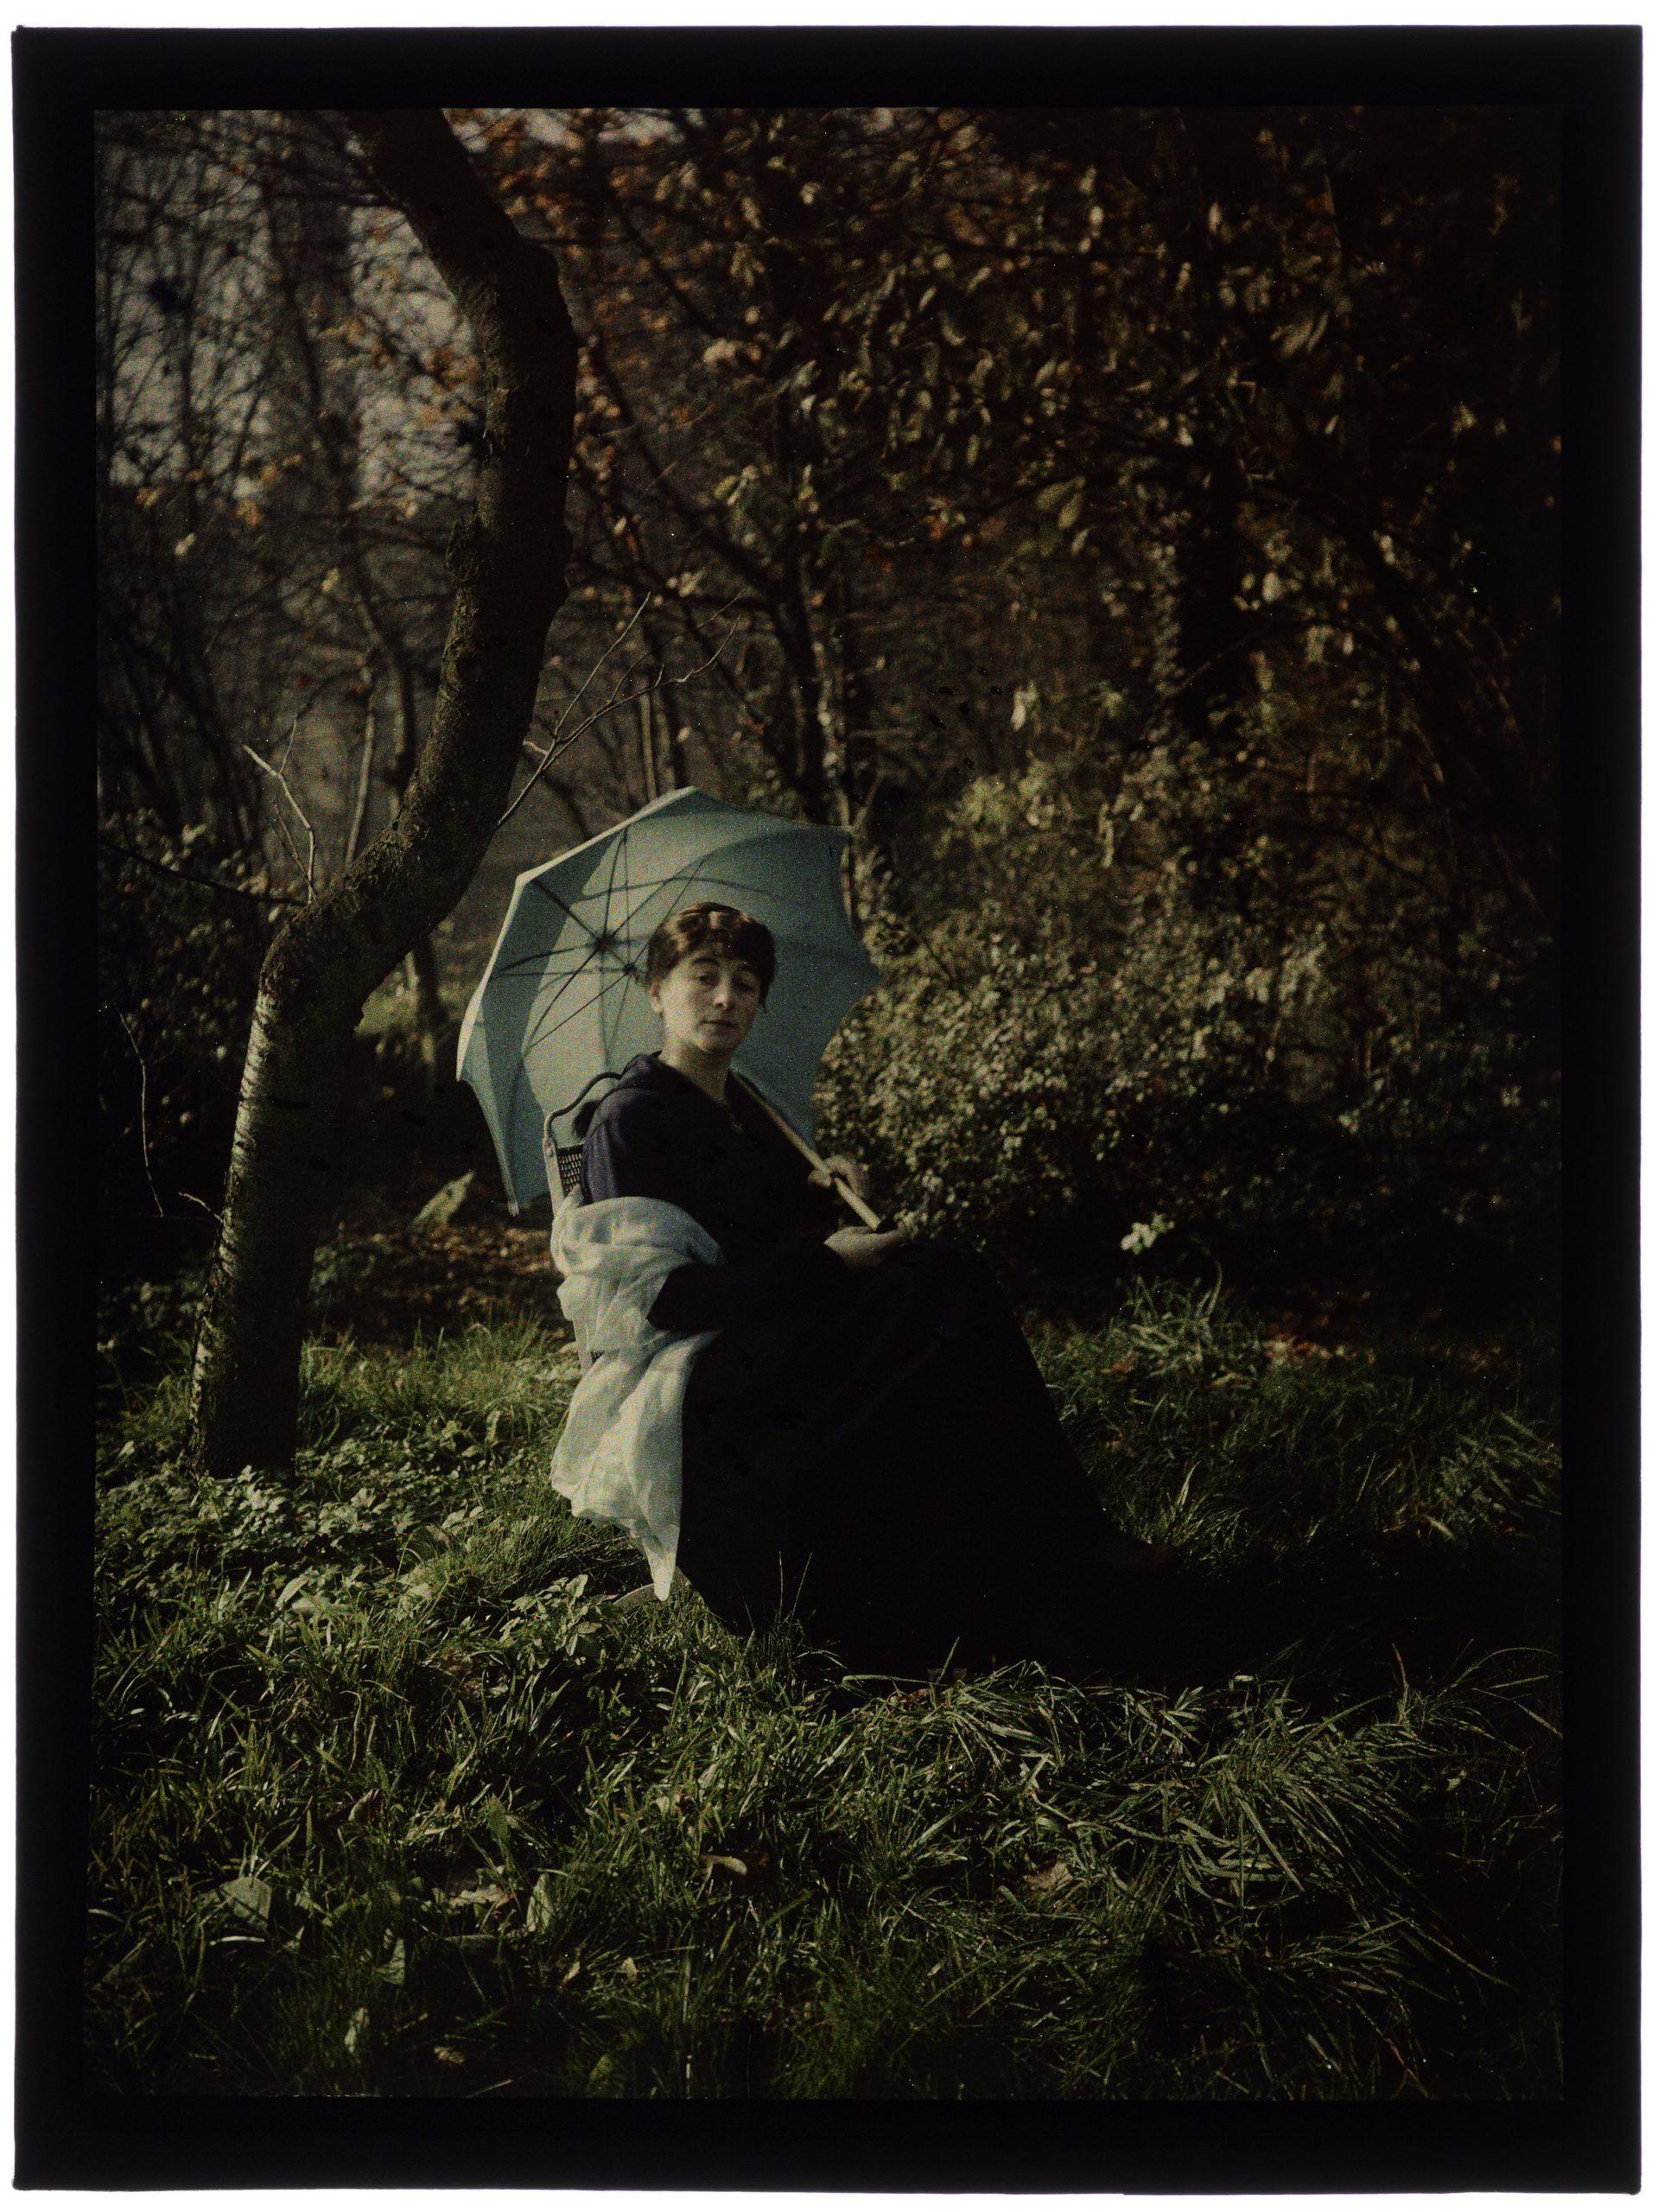 Femme dans un parc boisé